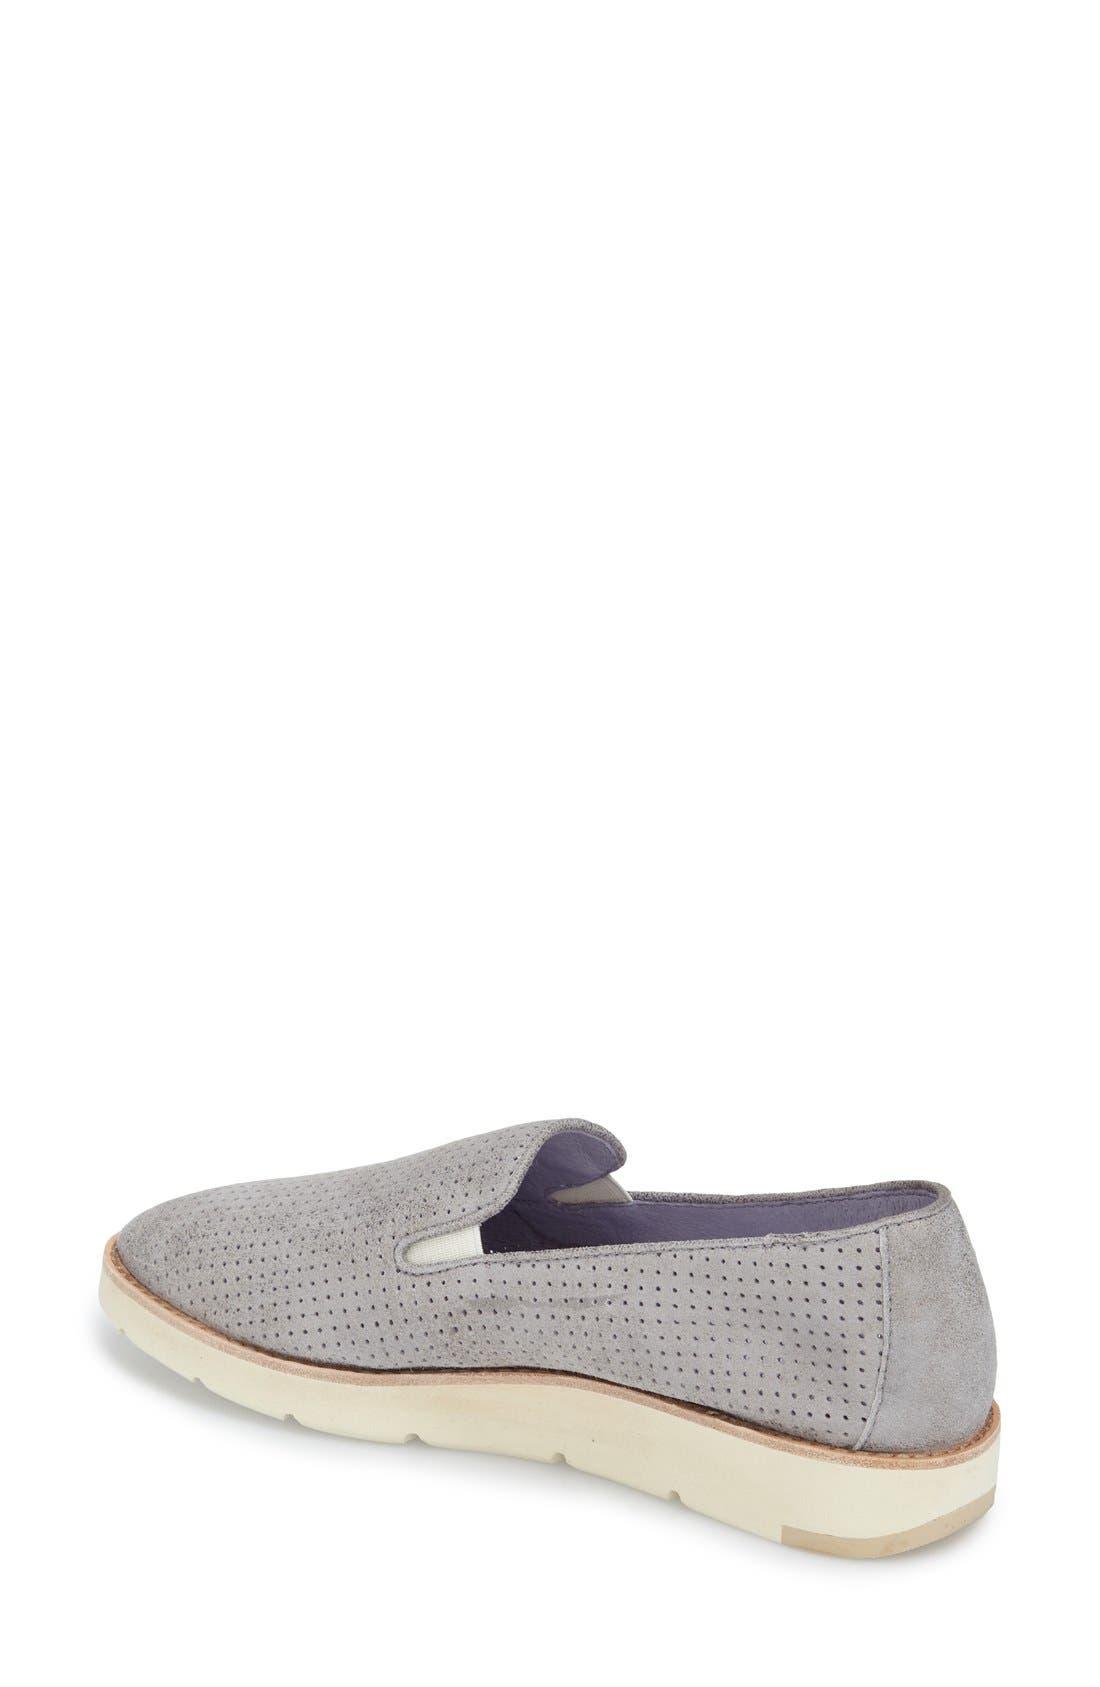 Alternate Image 2  - Johnston & Murphy 'Paulette' Slip-On Sneaker (Women)